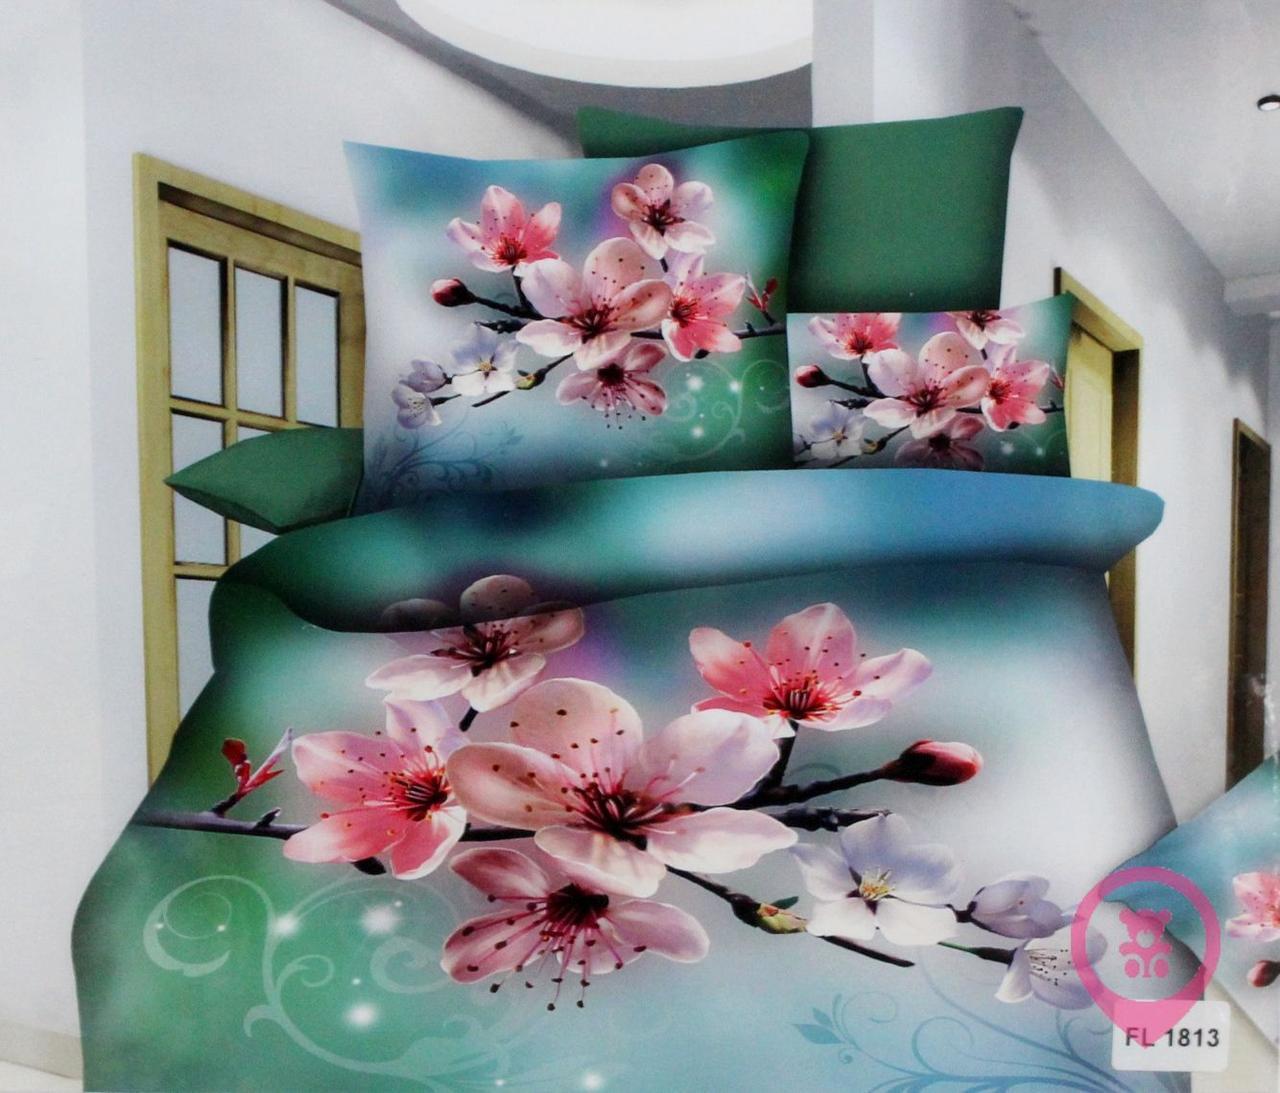 Комплект постельного белья Florida 5D Sateen FL-1813 200x220 Евро размер